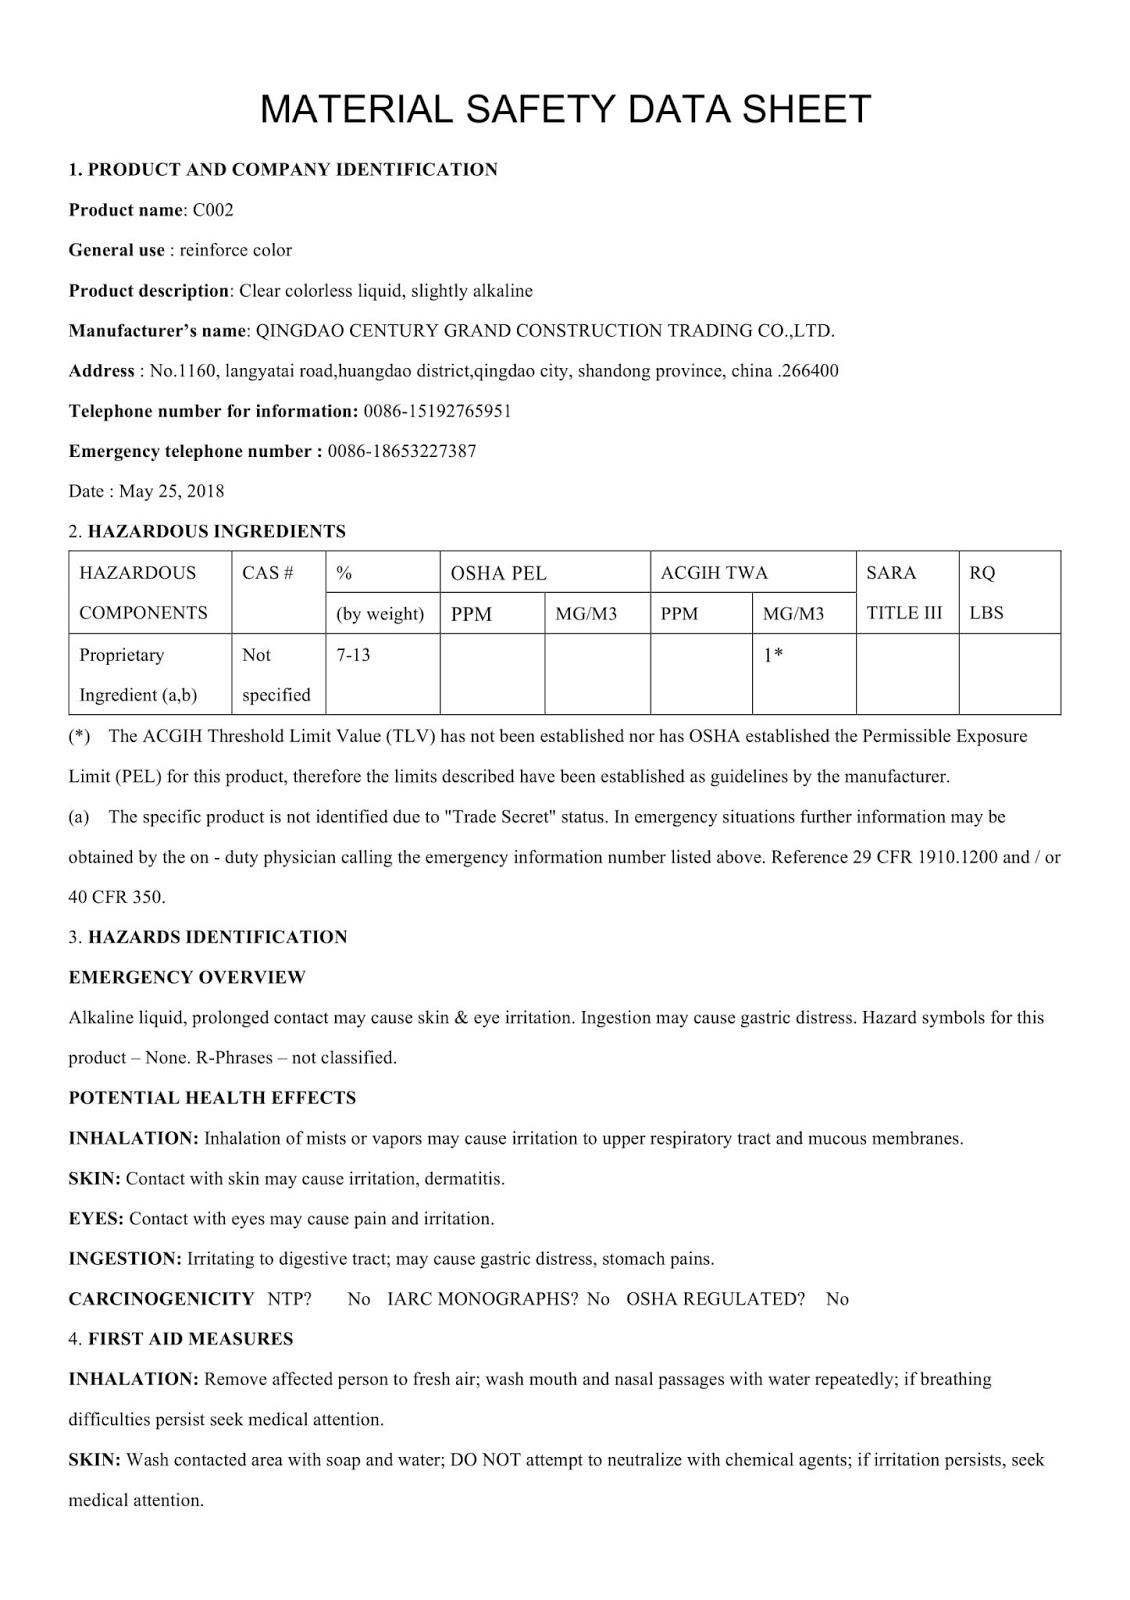 MSDS - Chất nhuộm màu cho sàn bê tông DG C002 - Trang 1